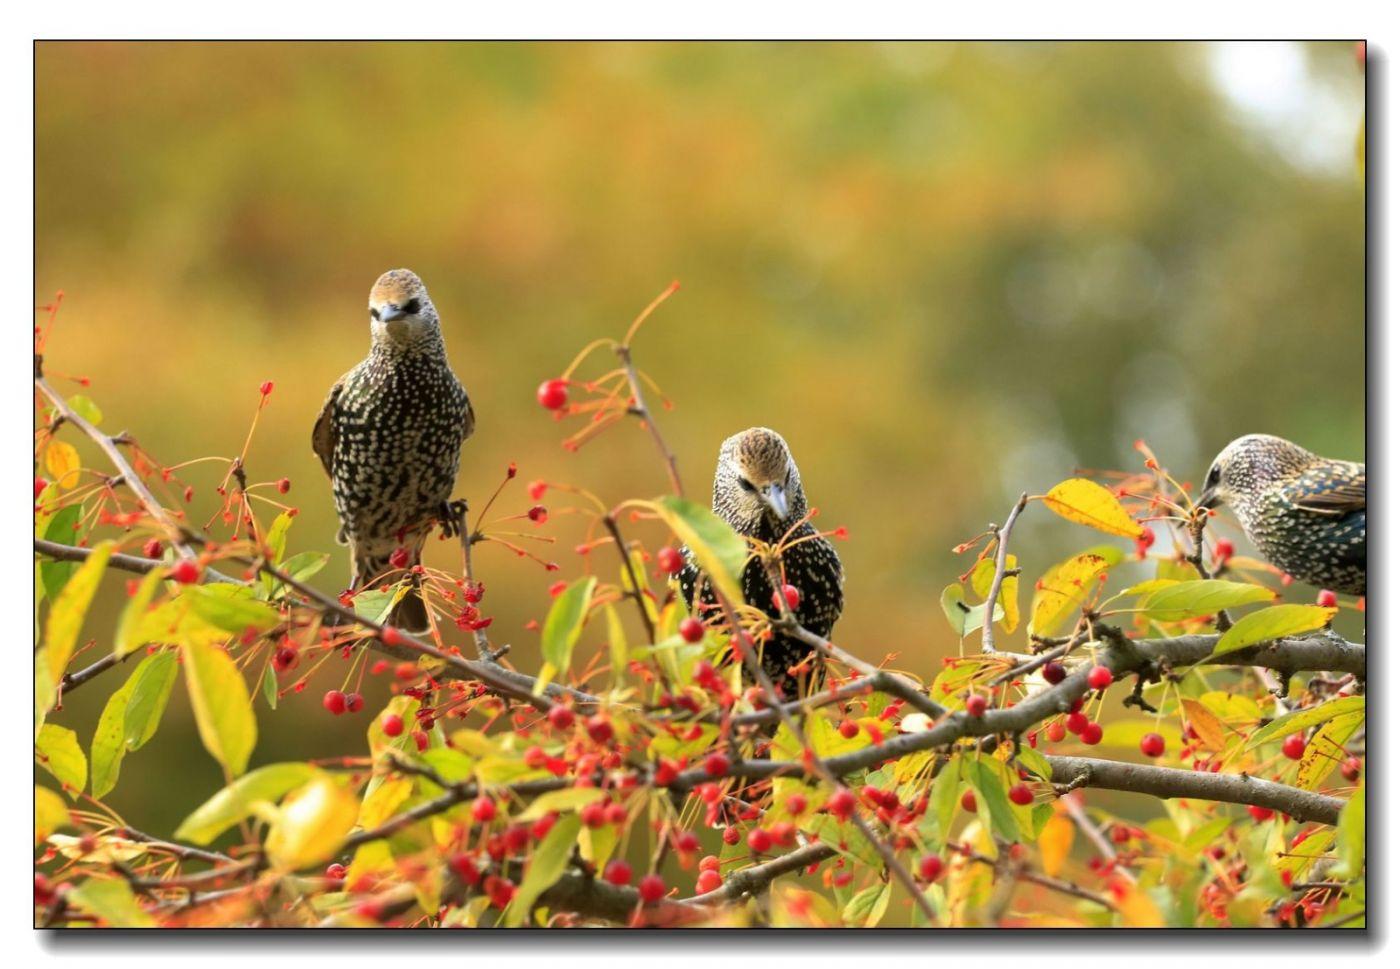 果熟鸟来图-紫翅椋鸟_图1-15